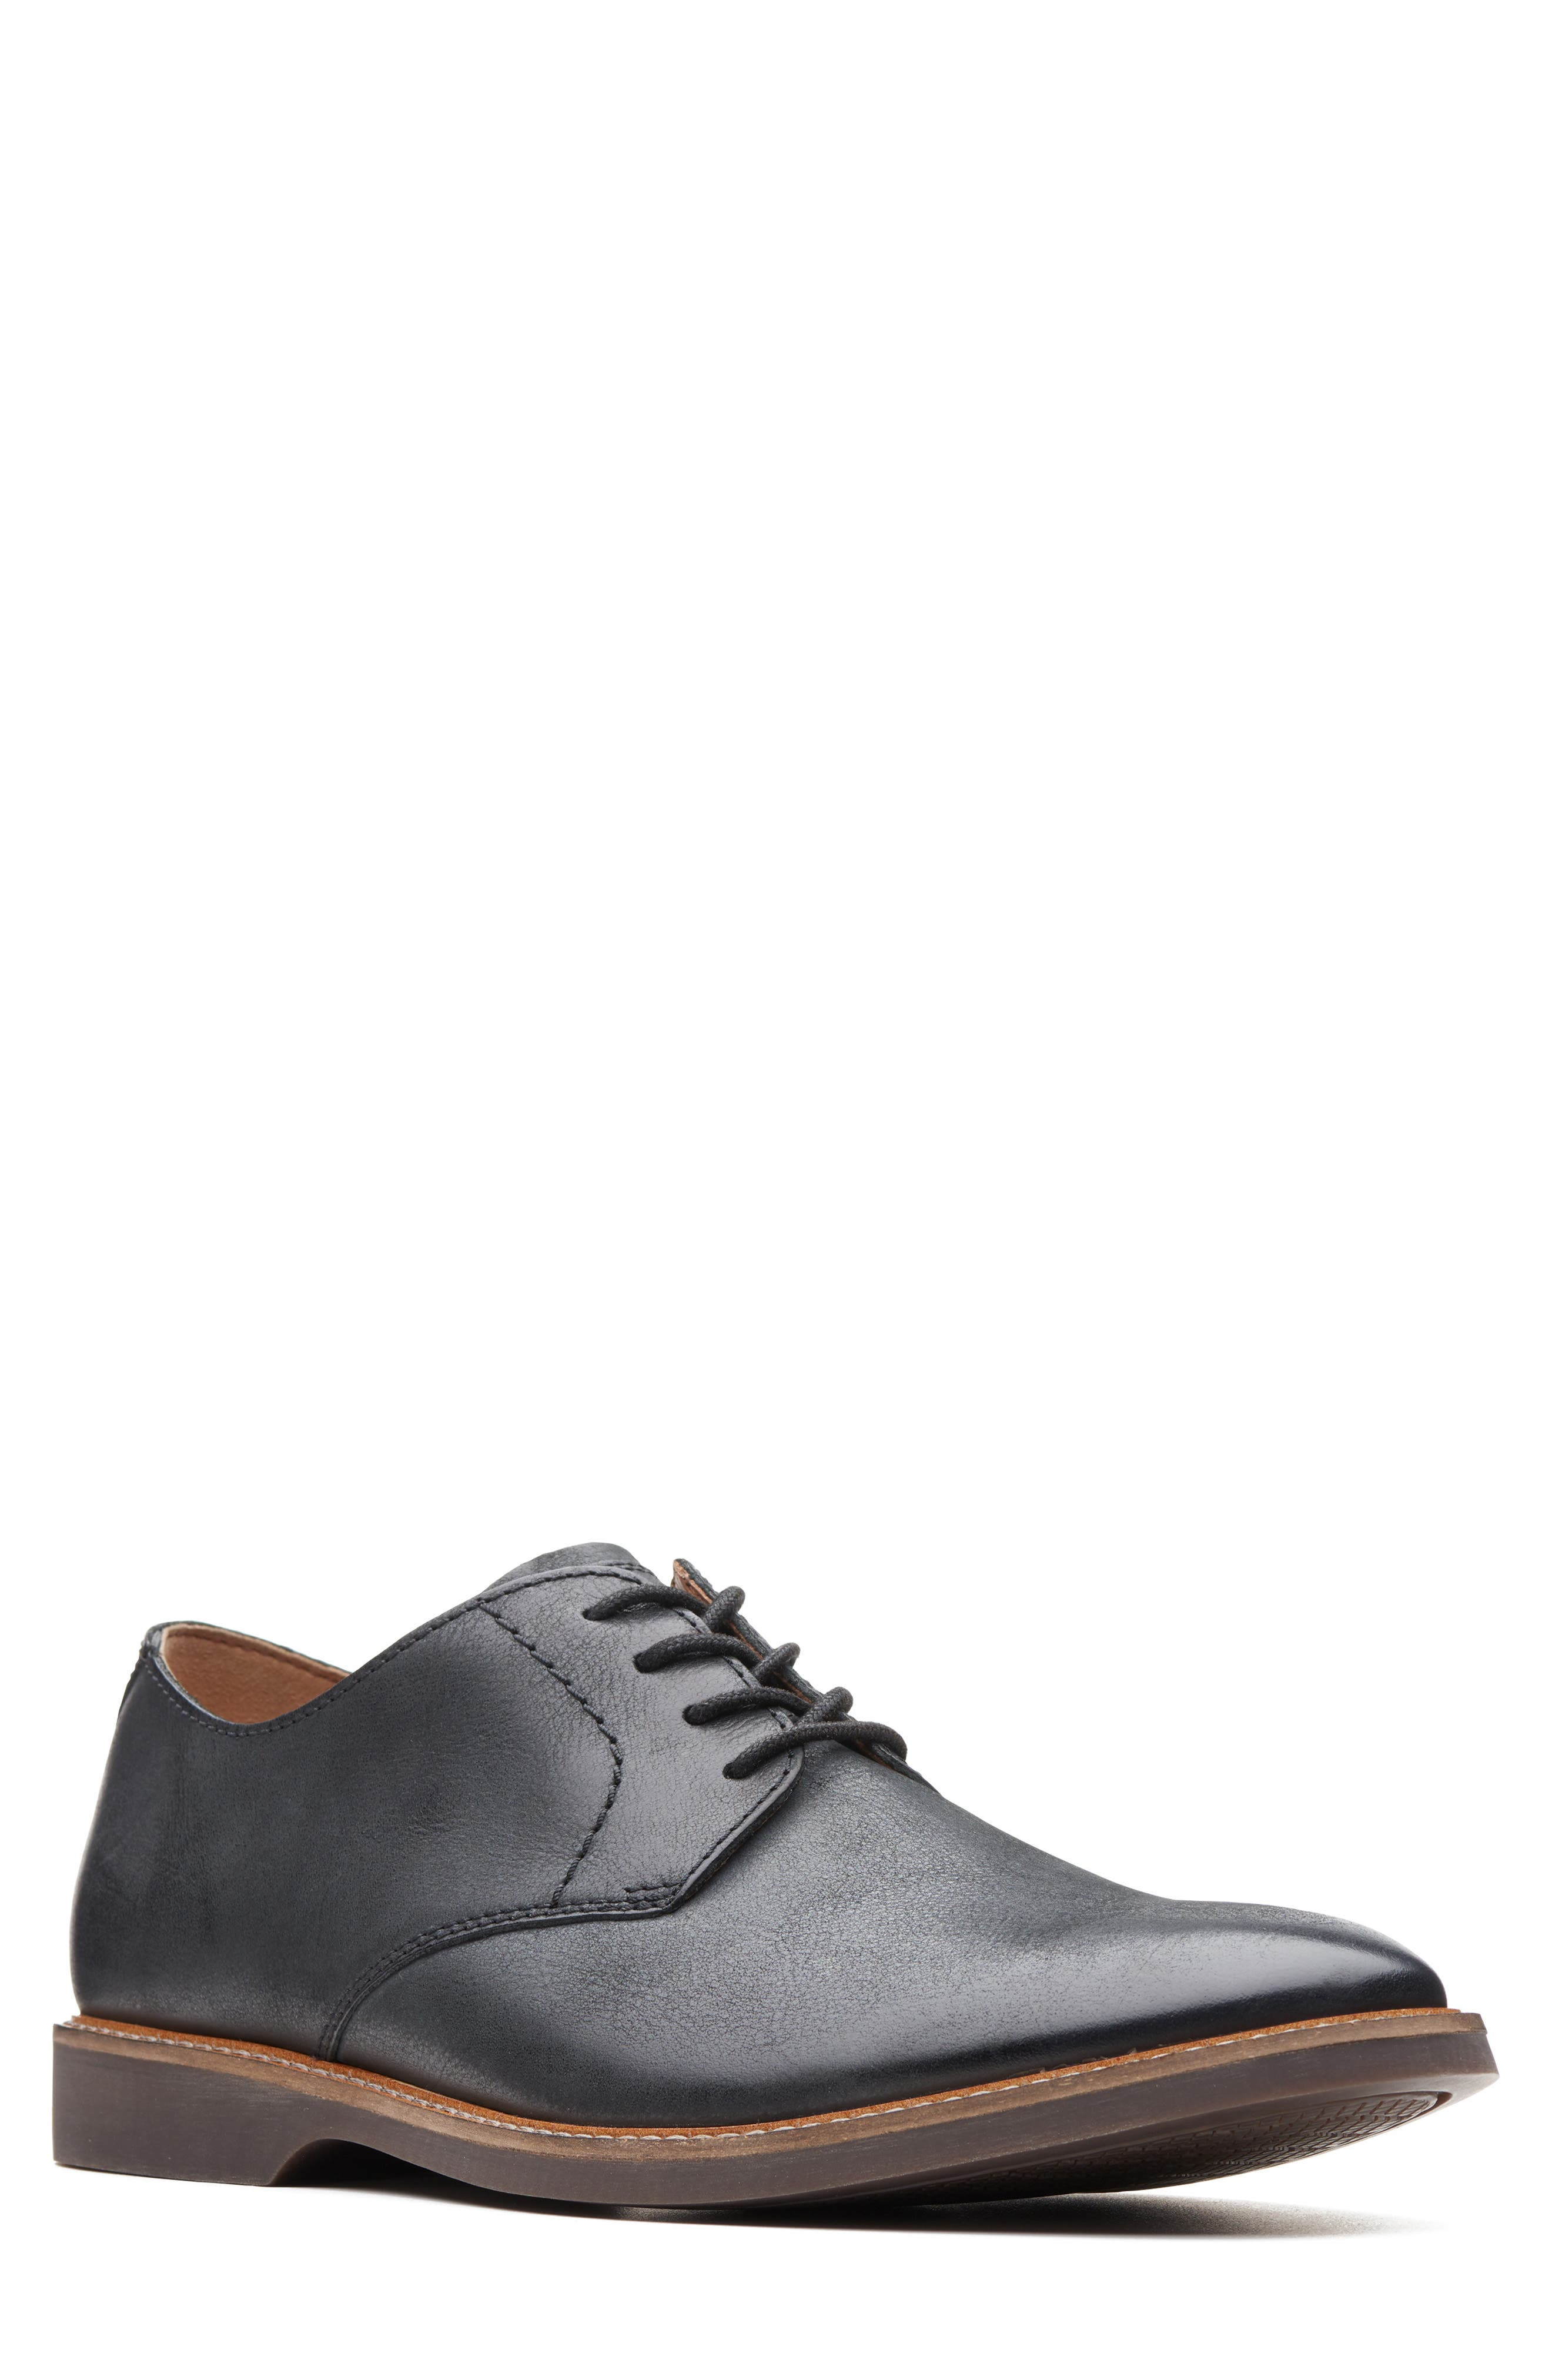 Clarks<sup>®</sup> Atticus Plain Toe Derby,                         Main,                         color, BLACK LEATHER